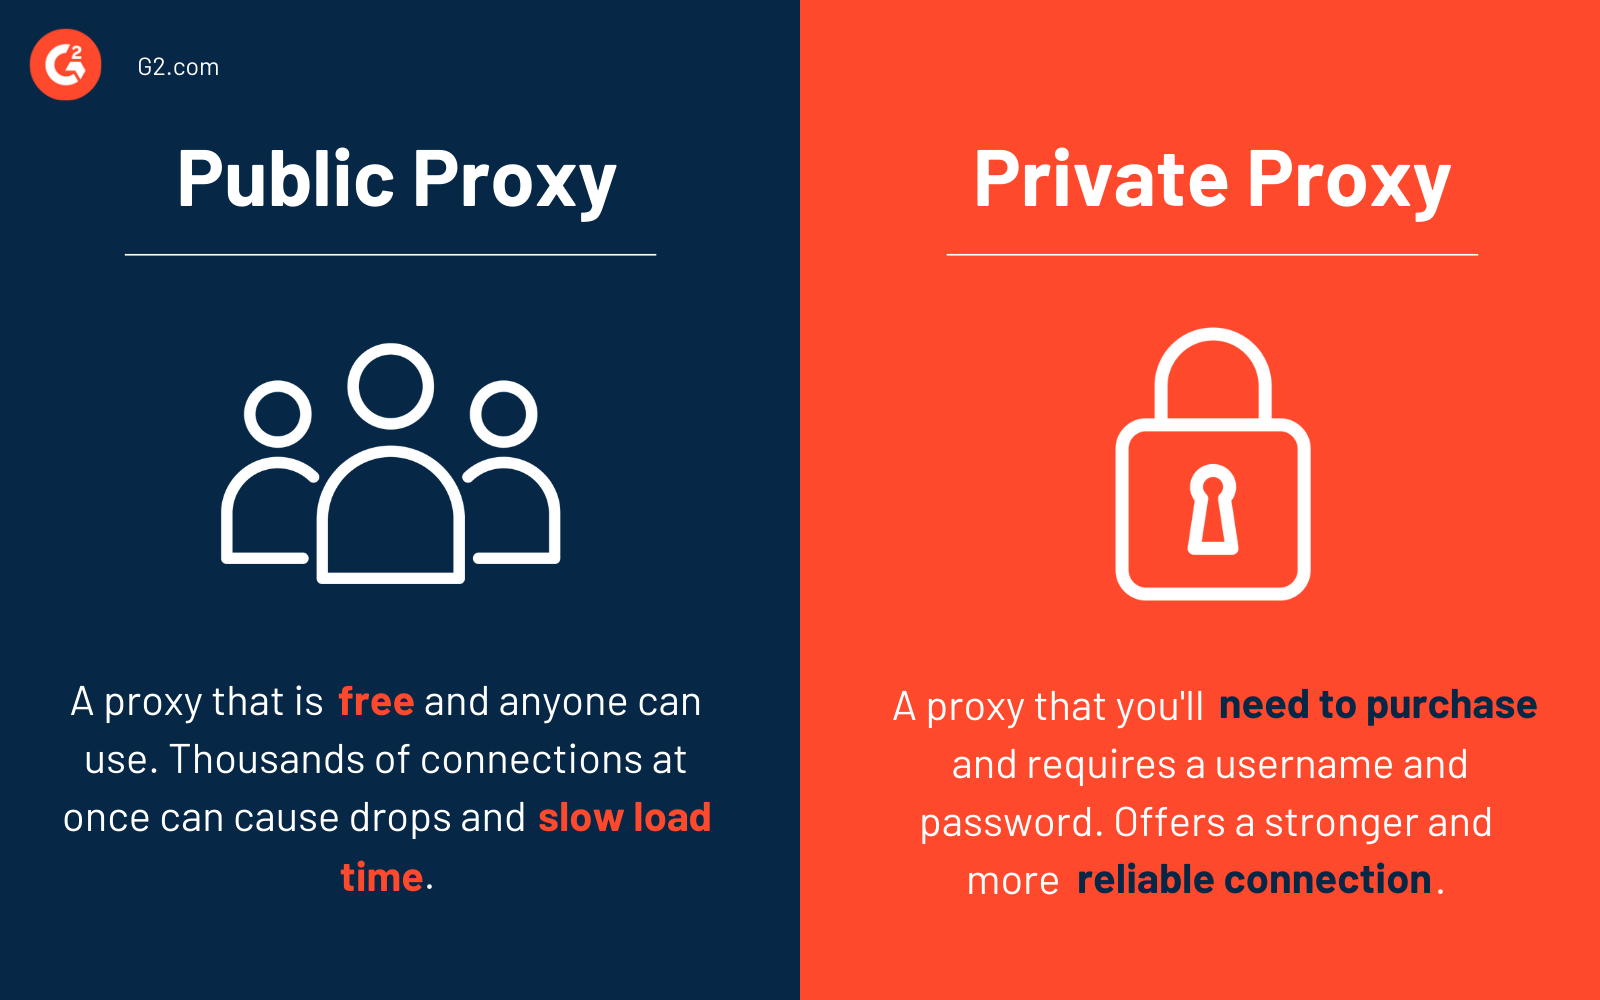 Public proxy vs. private proxy